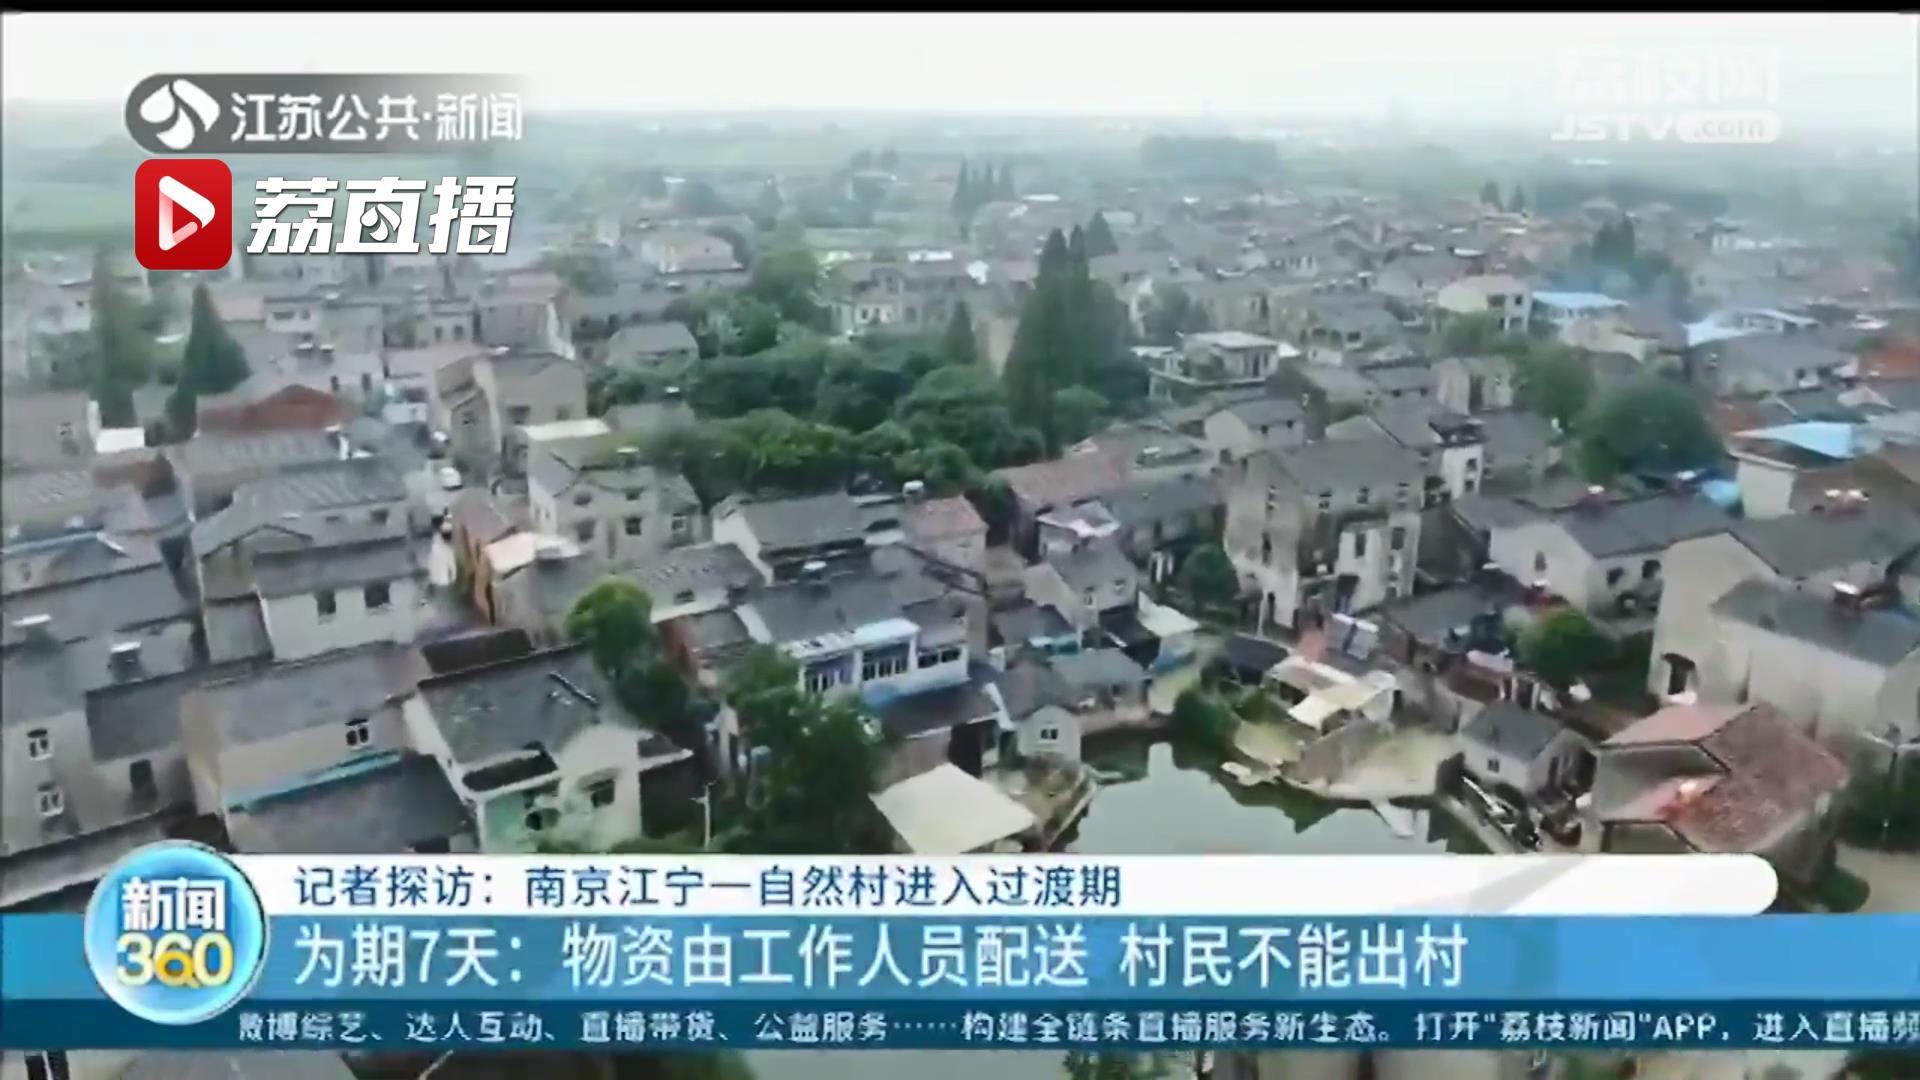 为期7天!南京江宁一自然村进入过渡期 物资由工作人员配送 村民不能出村